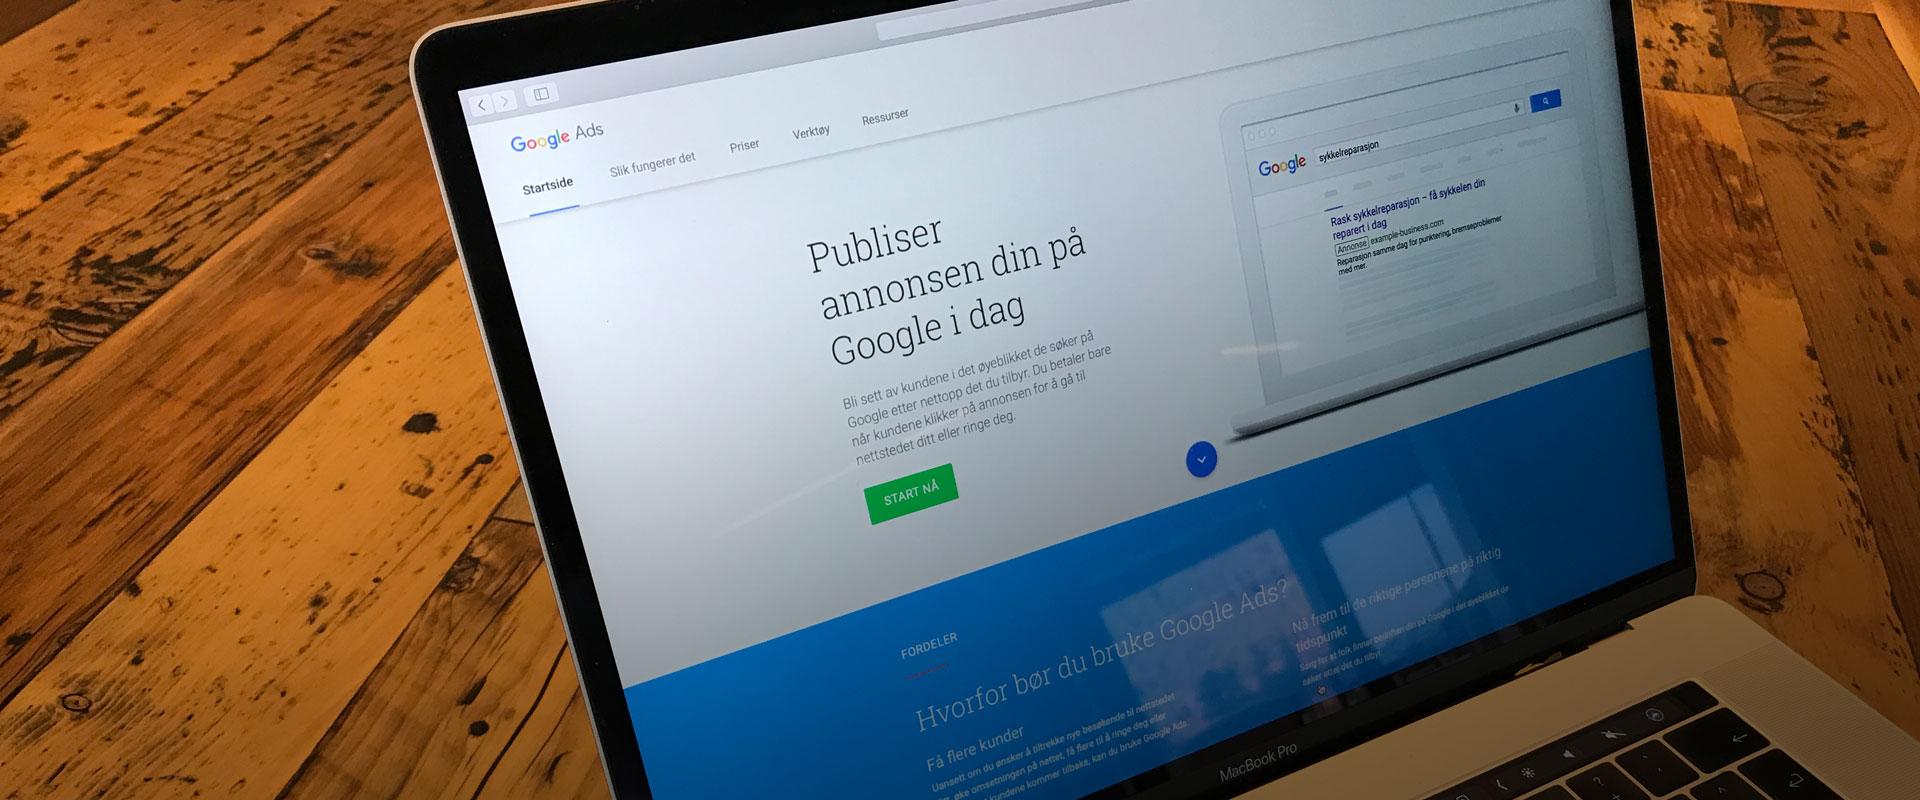 hva koster google ads?